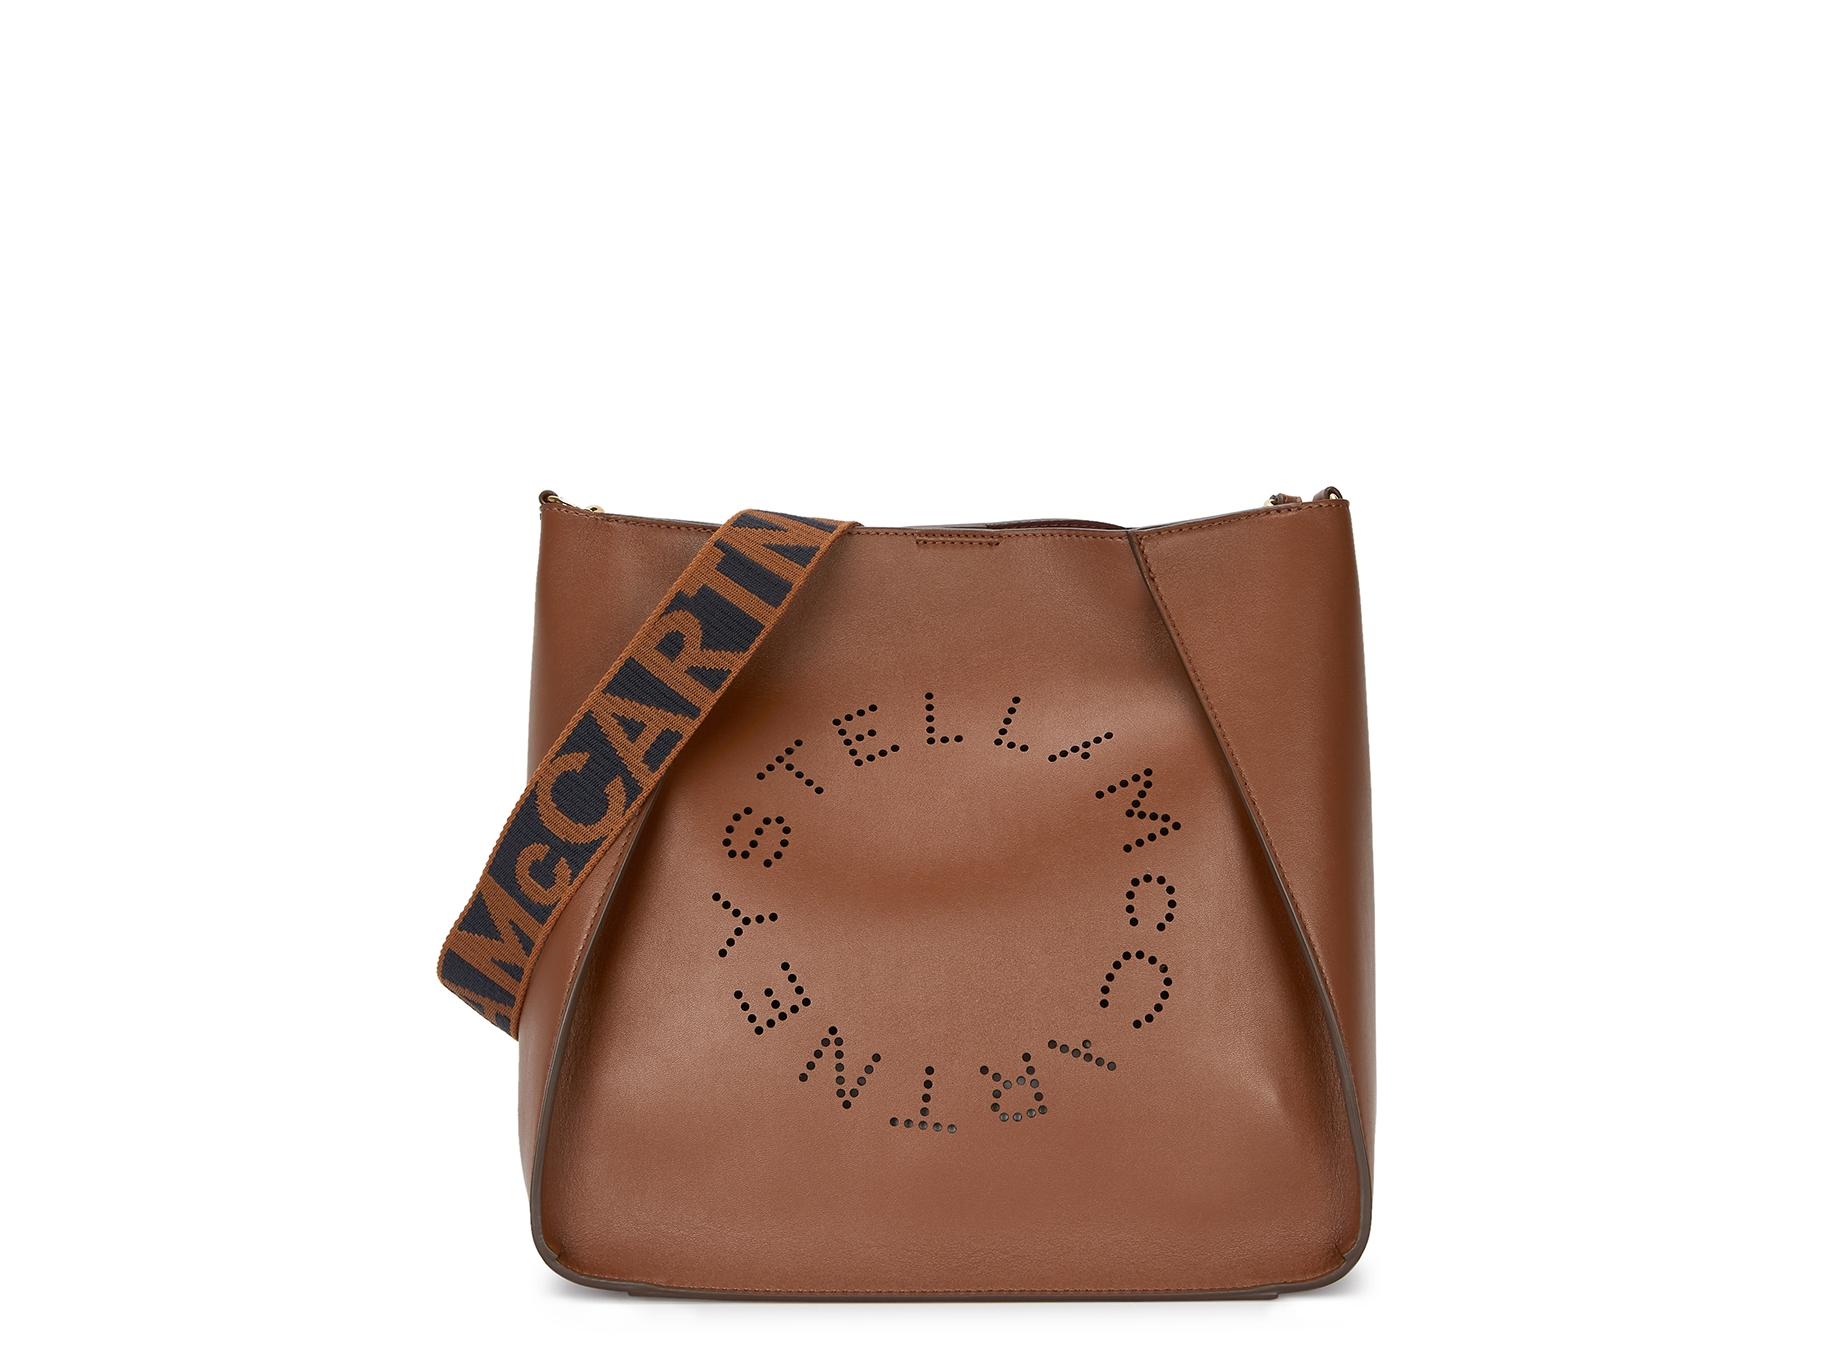 Stella McCartney Stella logo medium faux-leather cross-body bag - Harvey  Nichols ca33f8d1f5